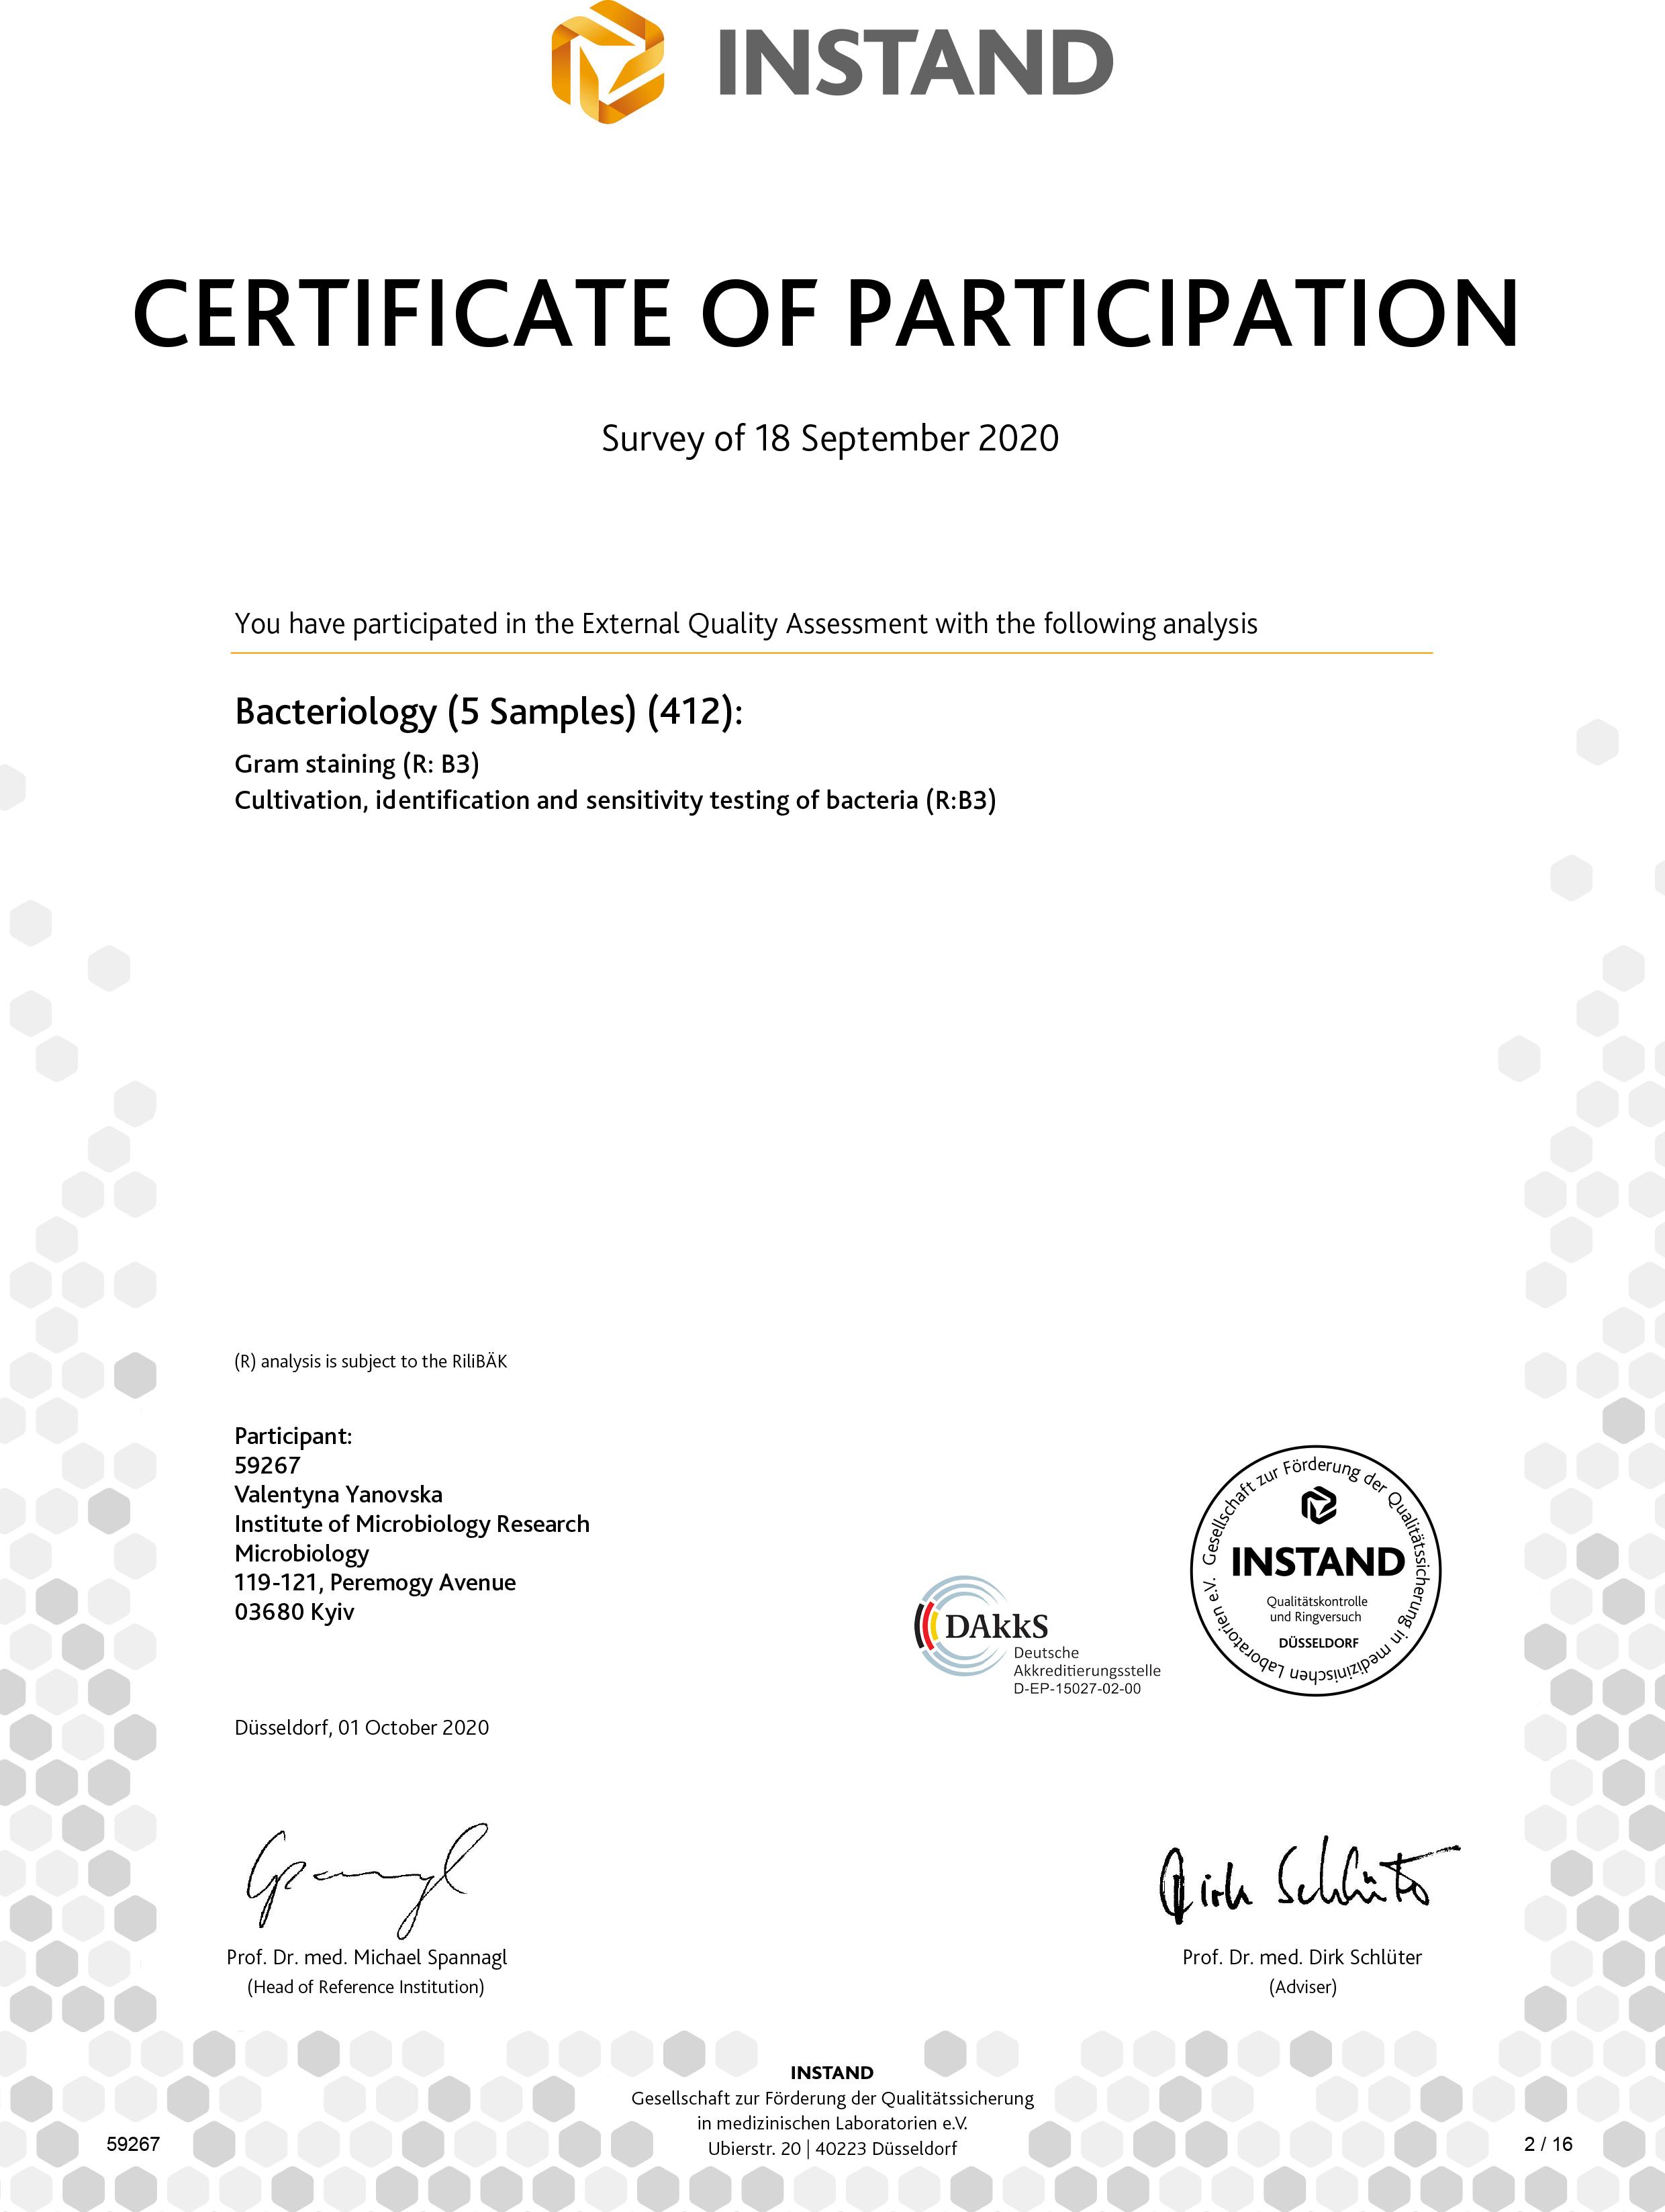 Сертифікат про успішне проходження зовнішньої оцінки якості за системою INSTAND (Німеччина) 2020